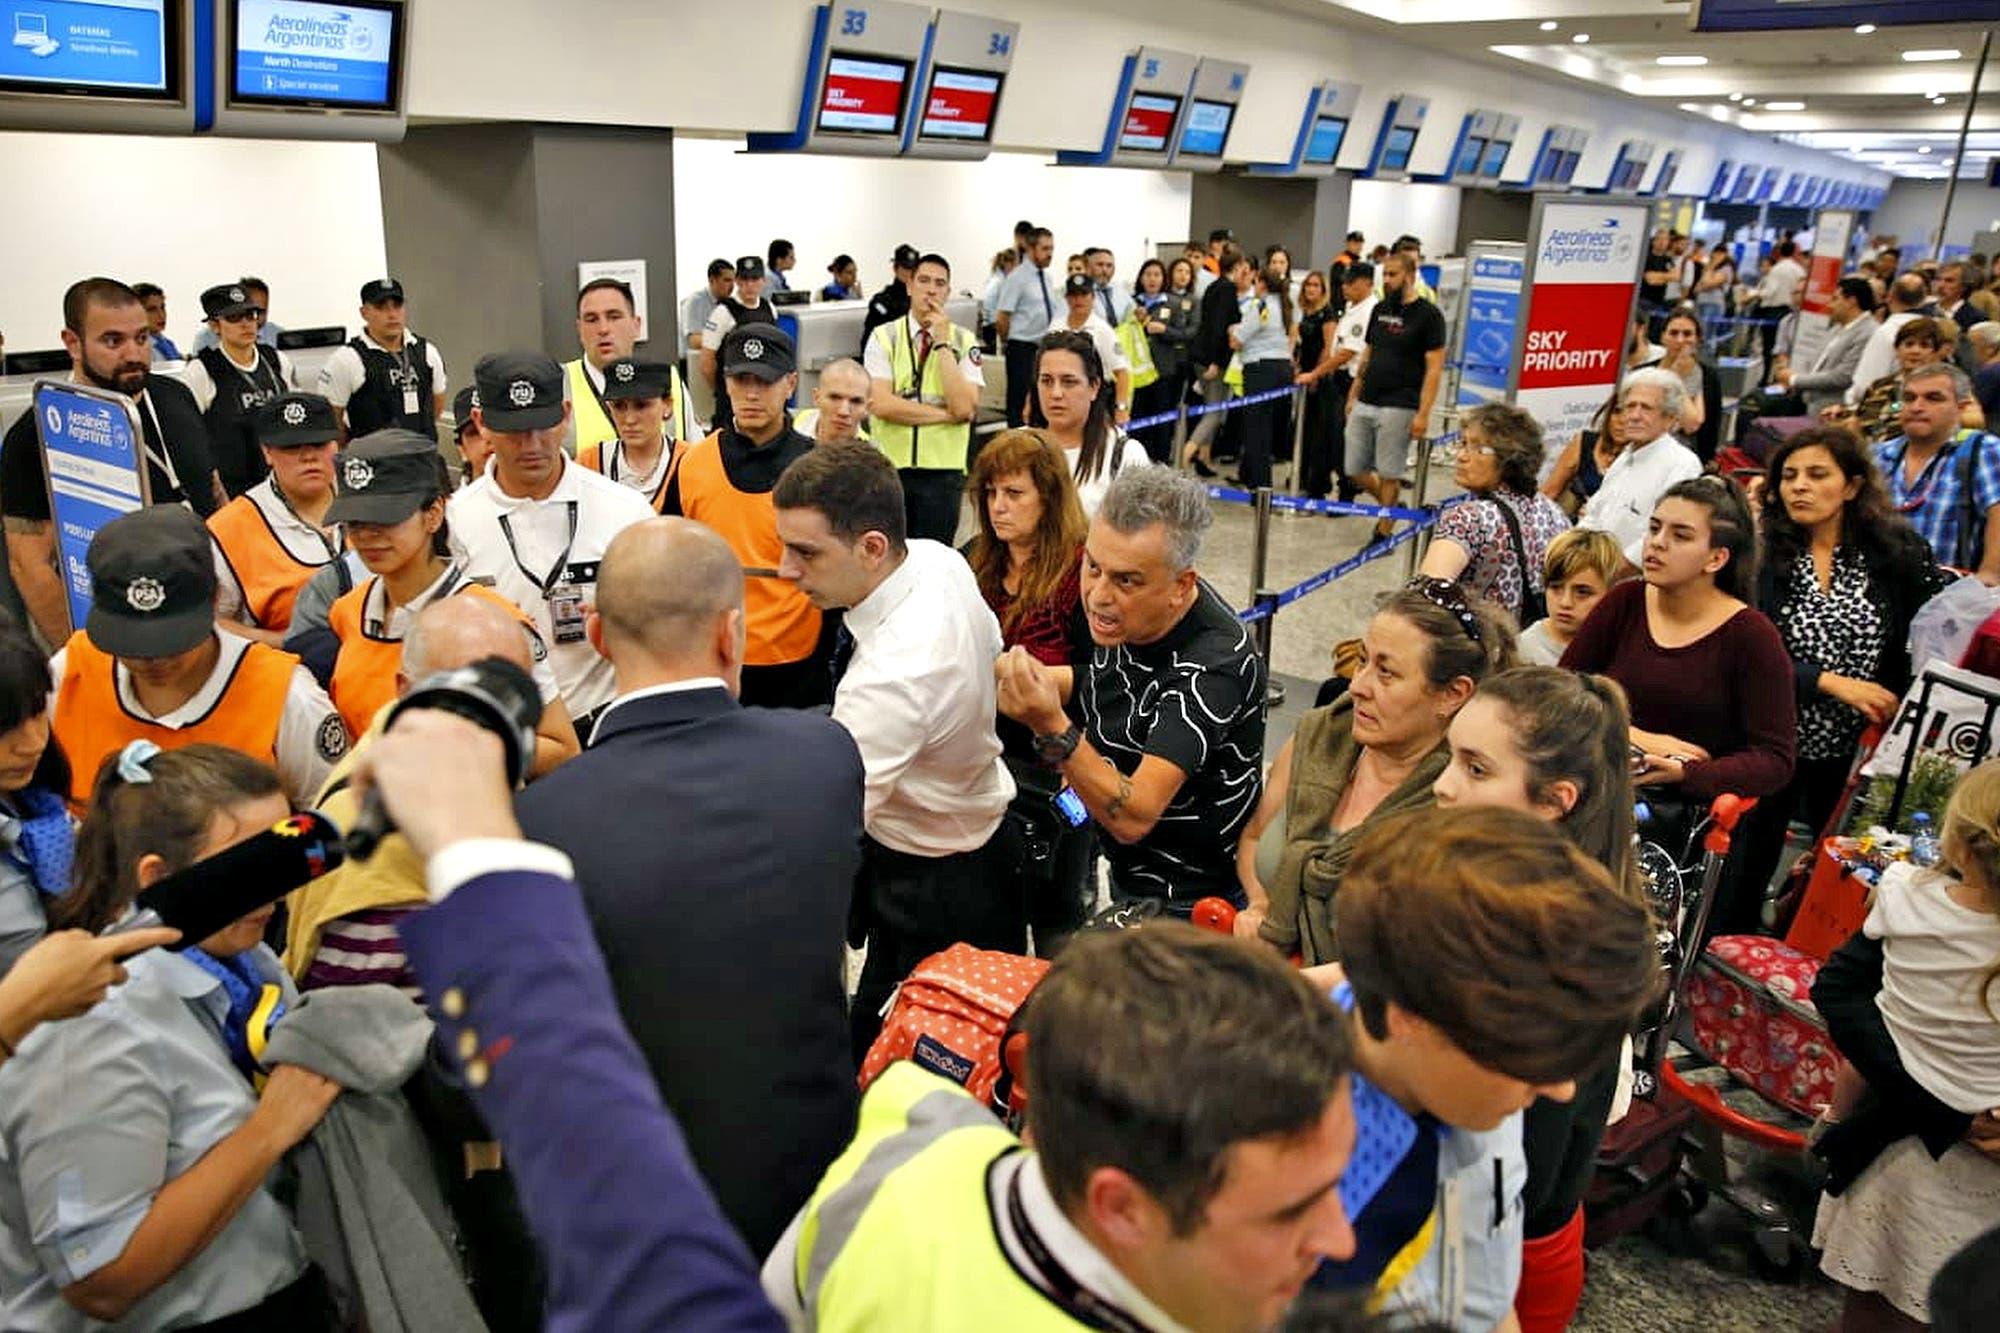 Se levantó la medida gremial en Aerolíneas después de 10 horas y 258 vuelos cancelados